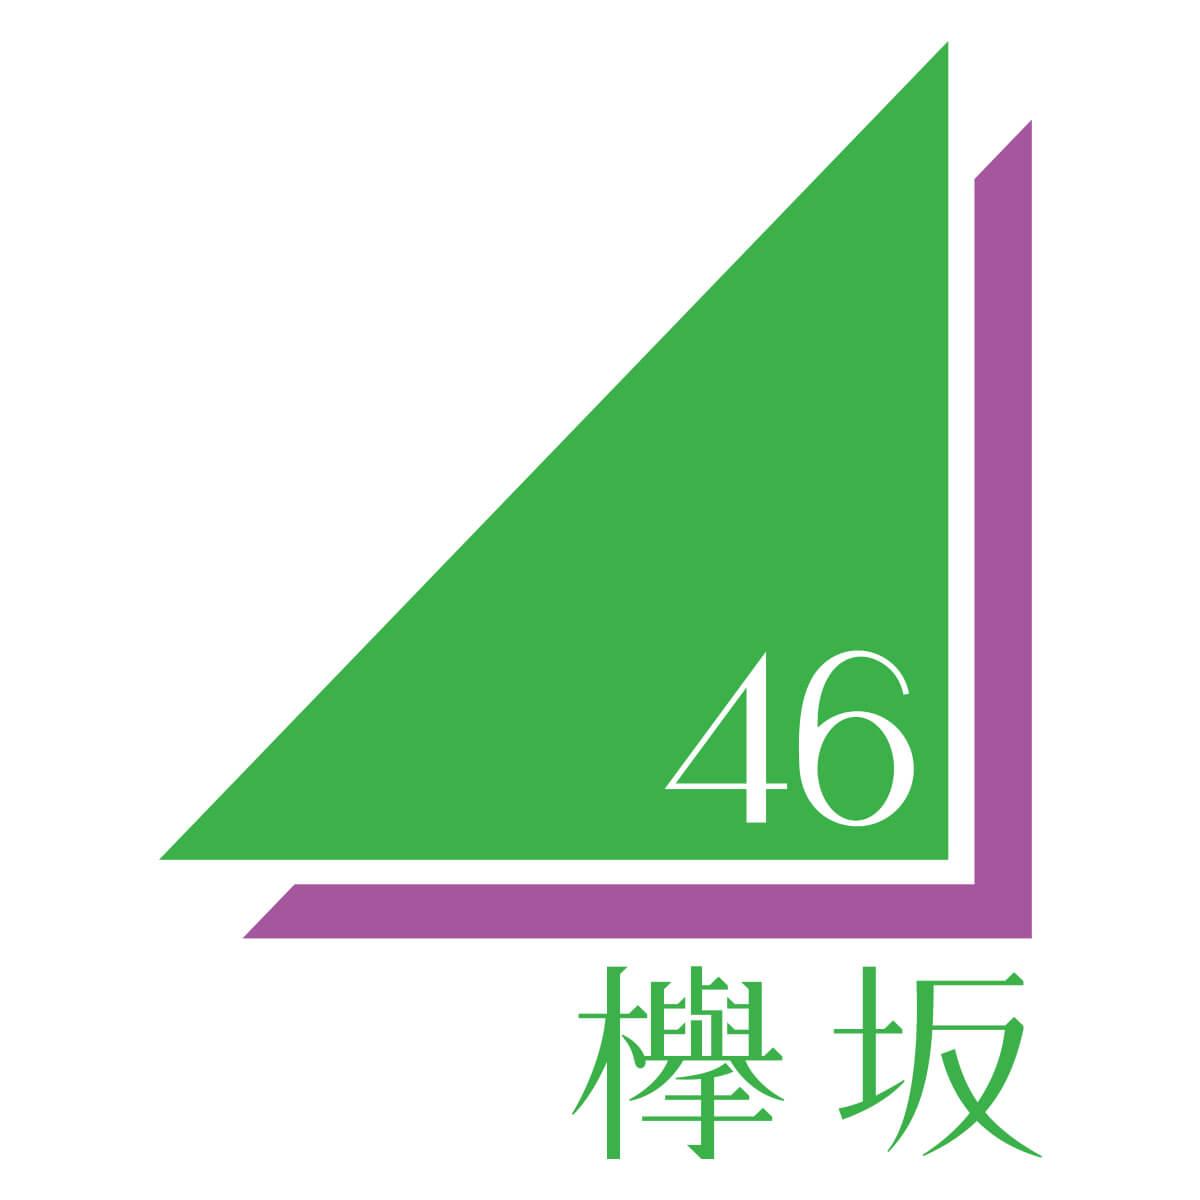 欅坂46全国ツアー2017「真っ白なものは汚したくなる」ゼビオアリーナ仙台公演、当日券に関するお知らせ